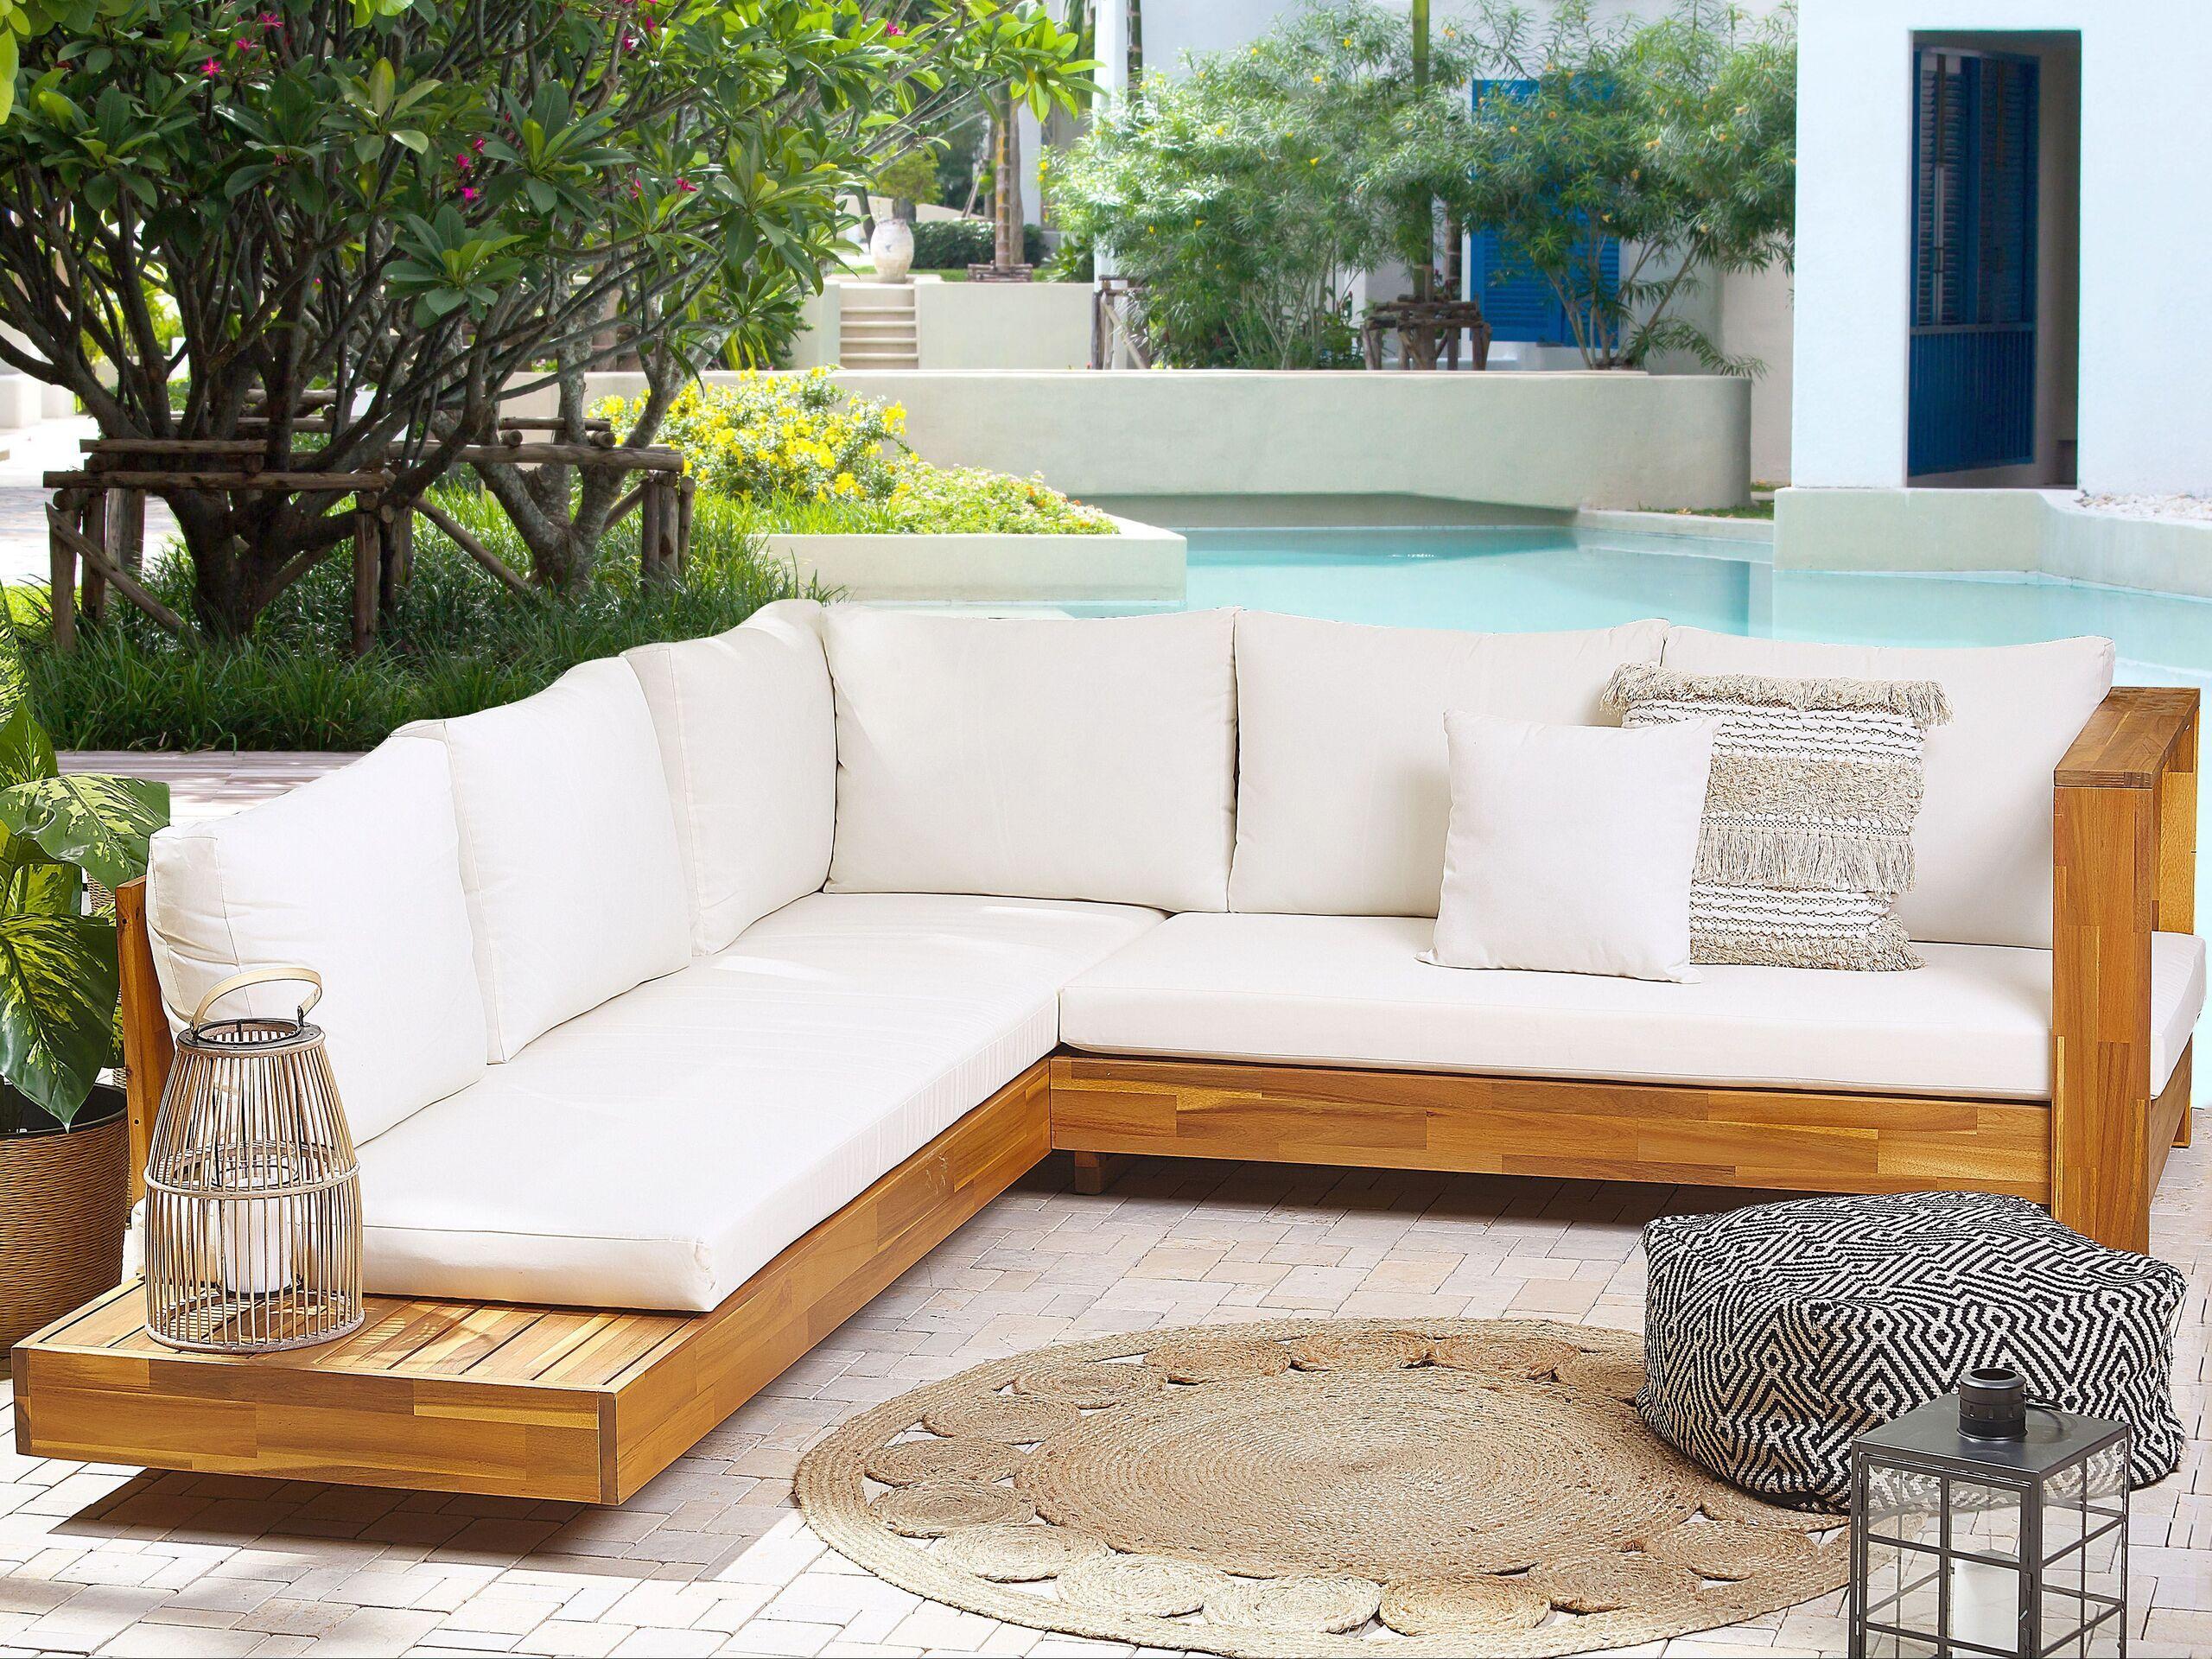 beliani salotto da esterno legno di acacia chiaro cuscini bianco sporco e tavolino